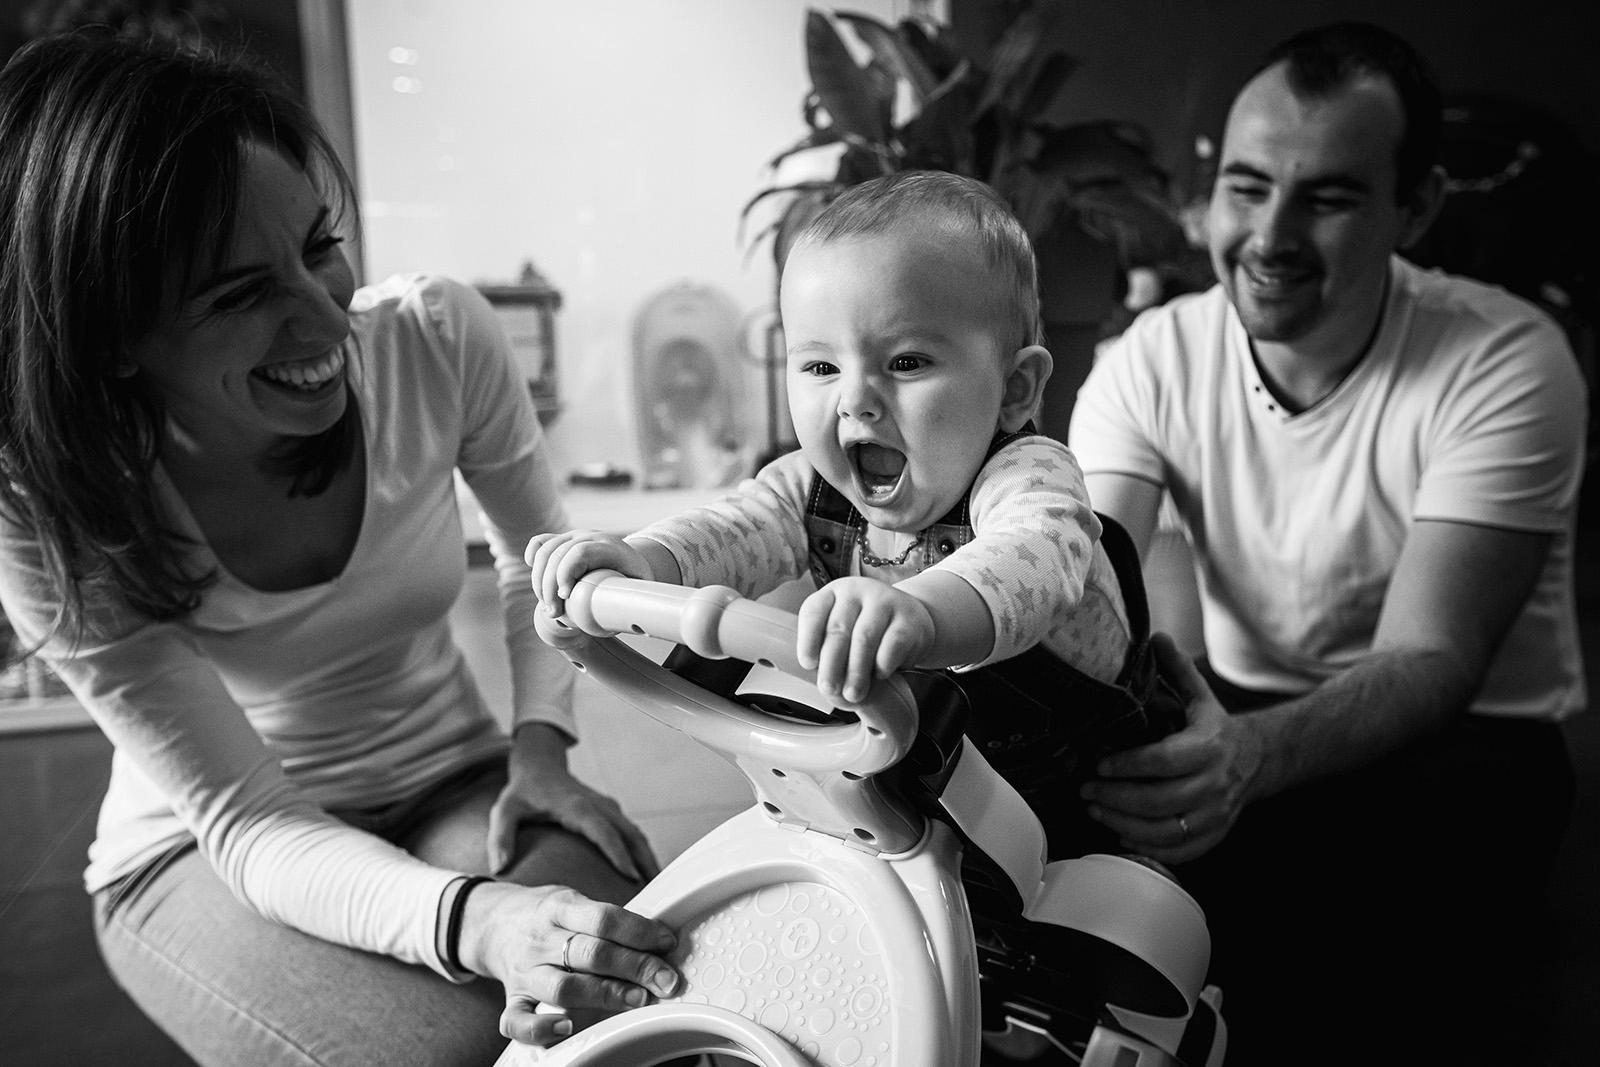 seance-photo-famille-enfant-elise-julliard-photographe-lyon-villefranche-sur-saone-auvergne-rhone-alpes-lifestyle-couple-bebe-jeux-4